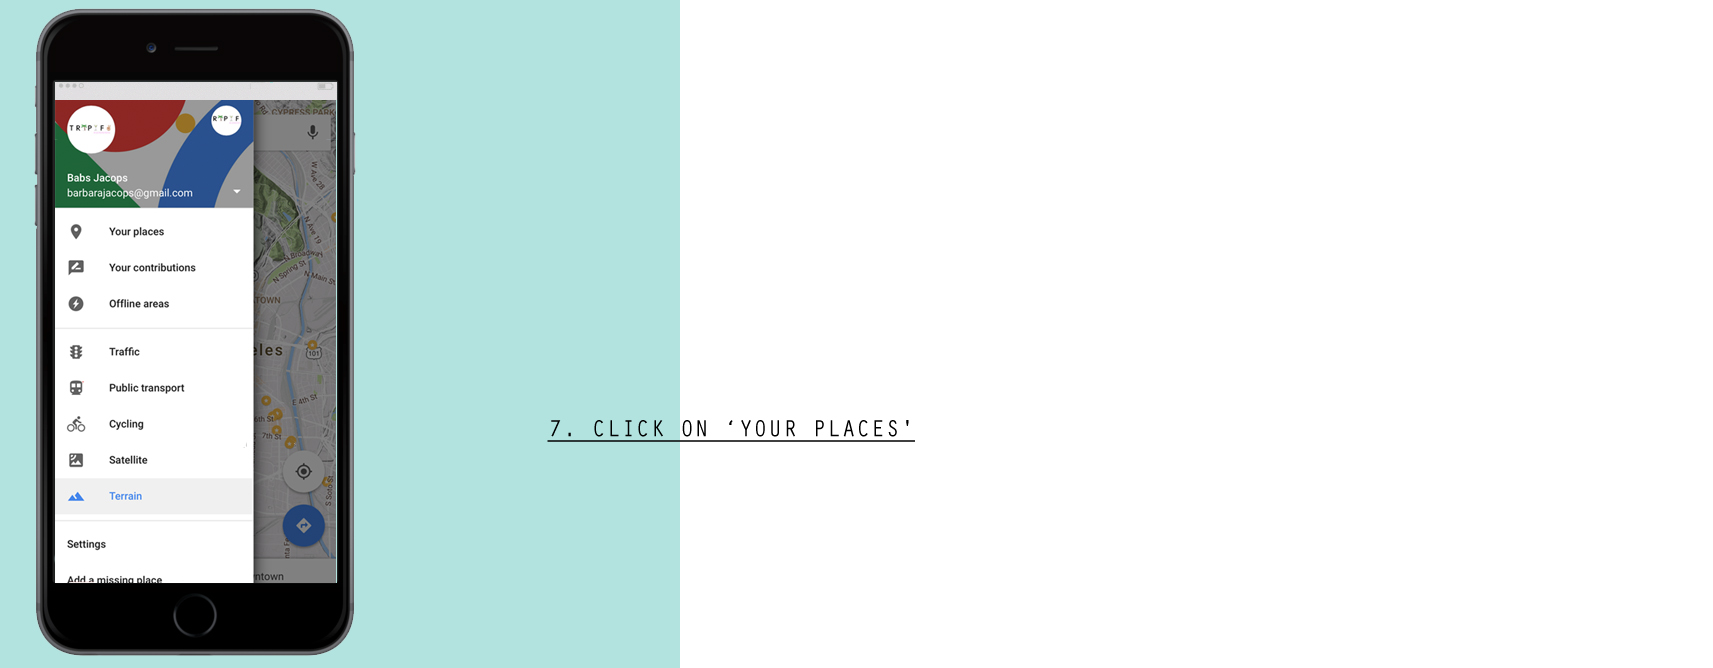 LPPCITYGUIDE-CITYGUIDE-WHAT TO DO-09.jpg